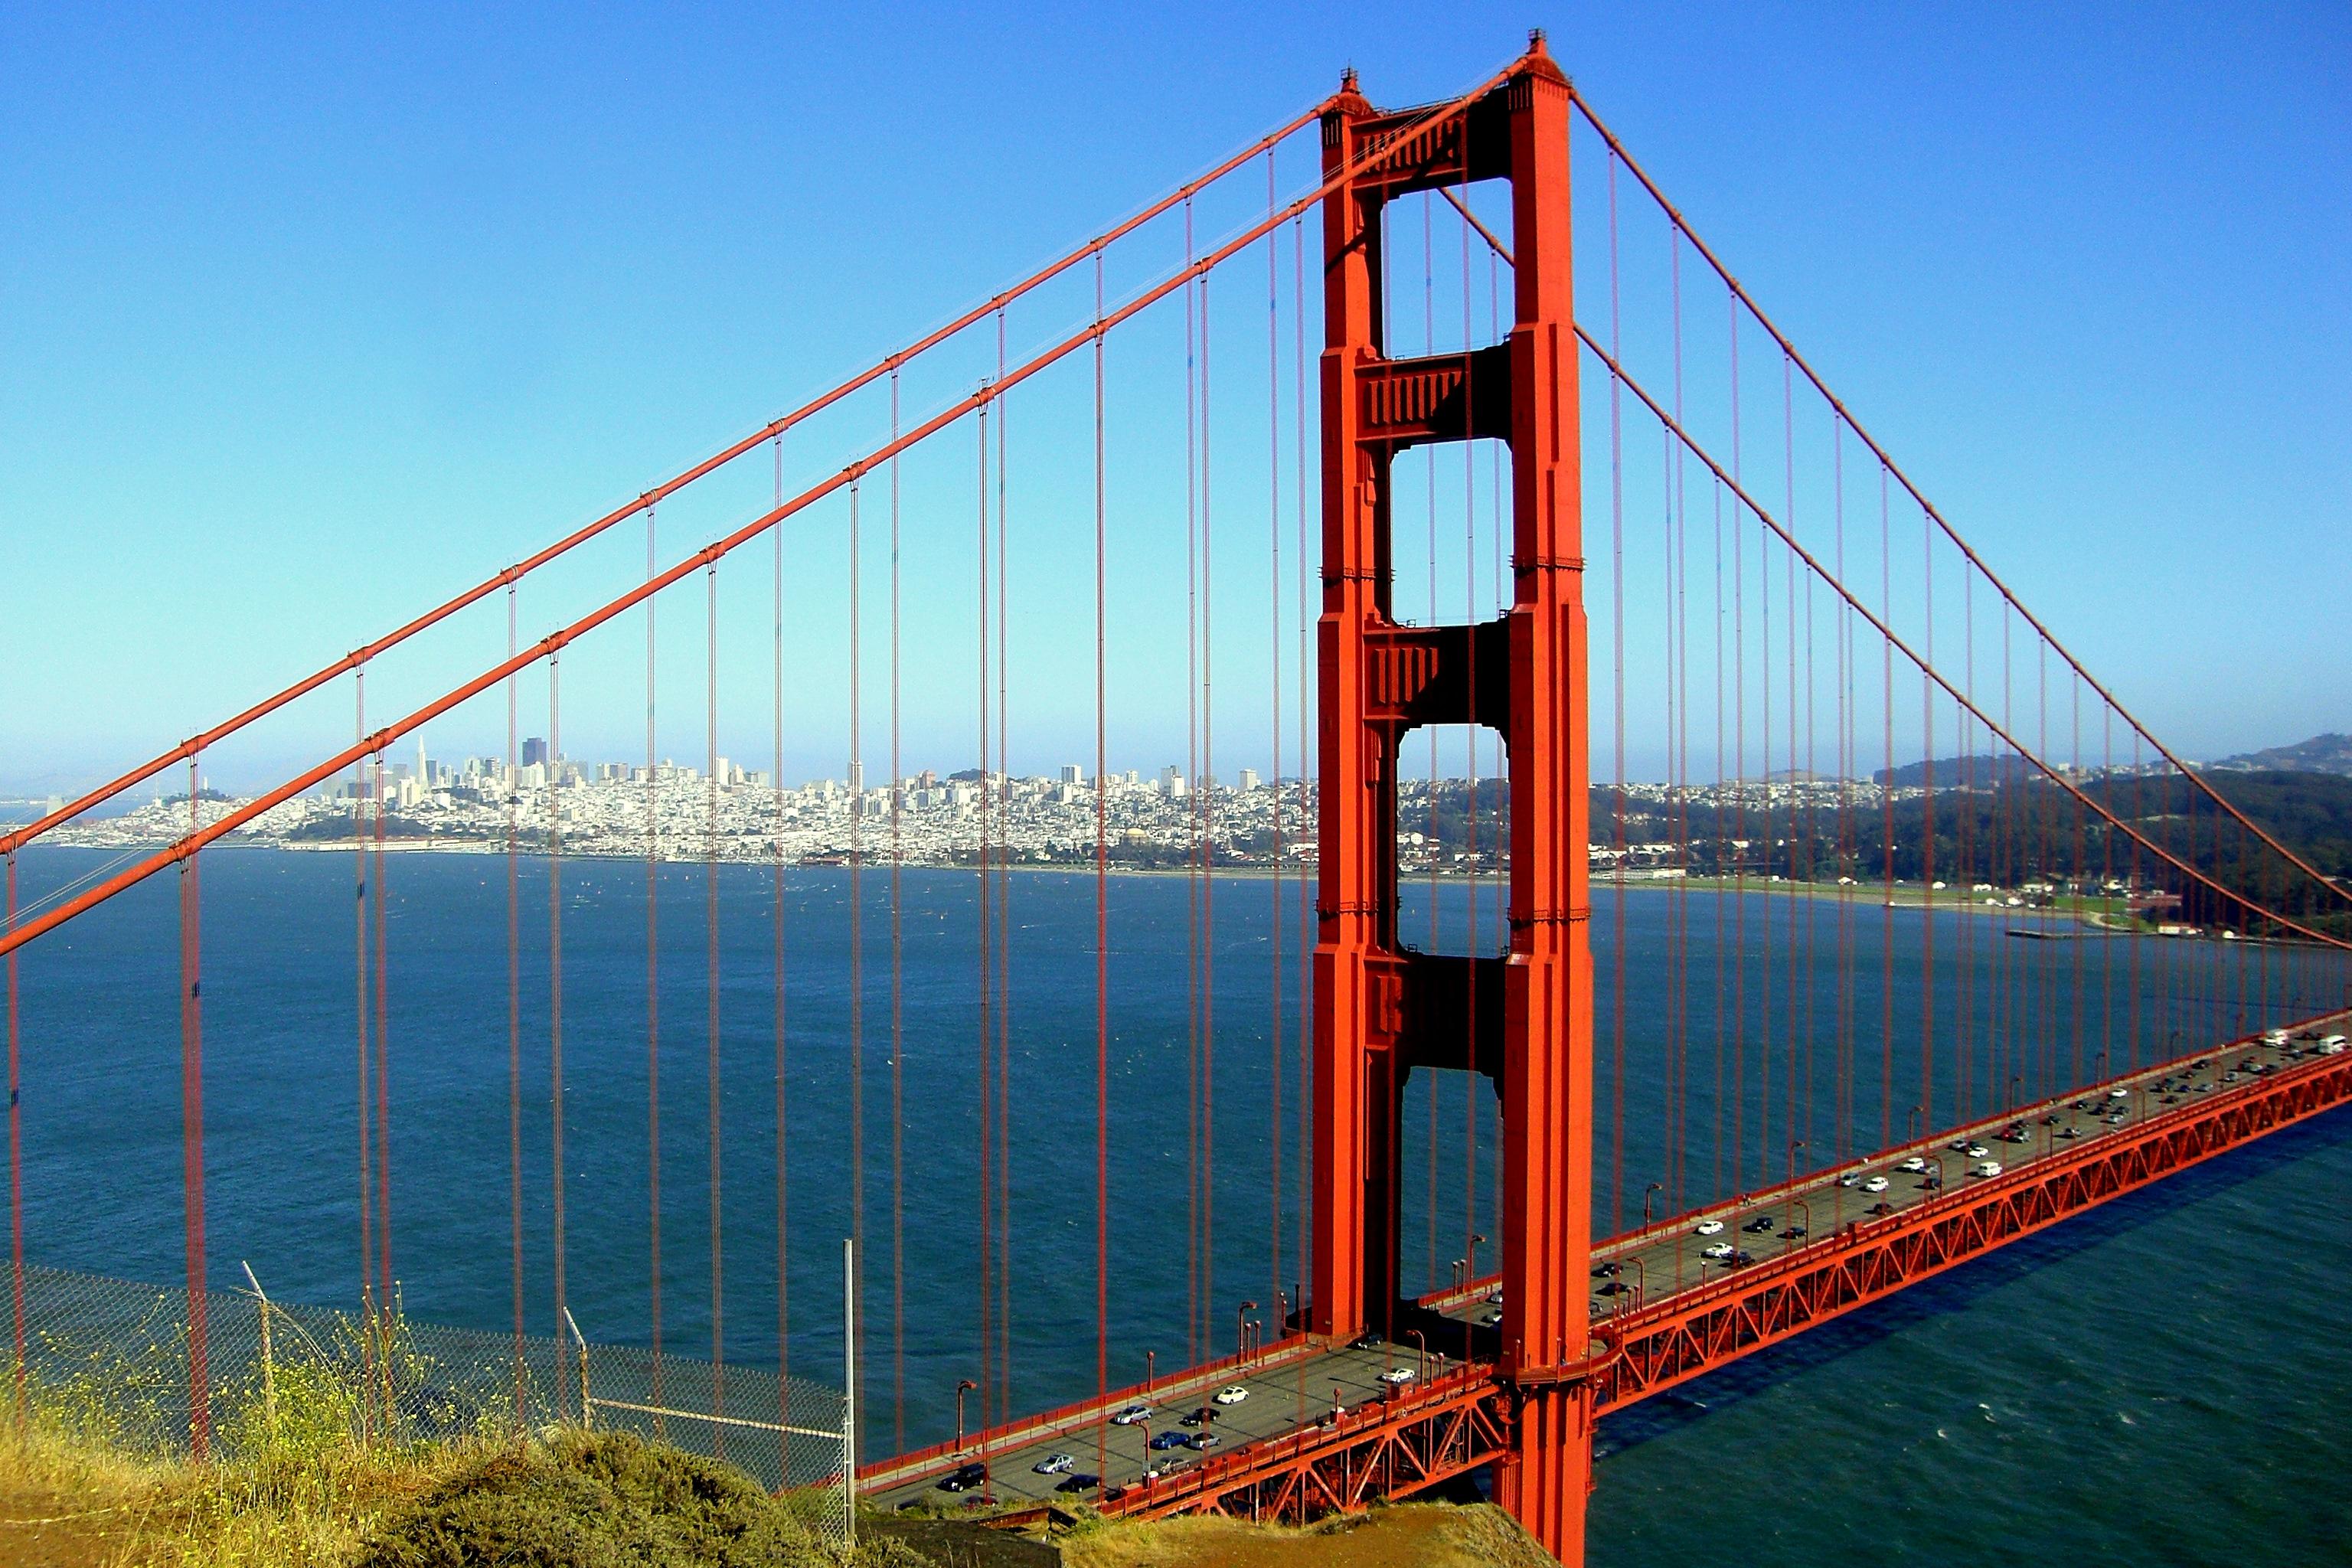 San francisco - golden gate bridge photo